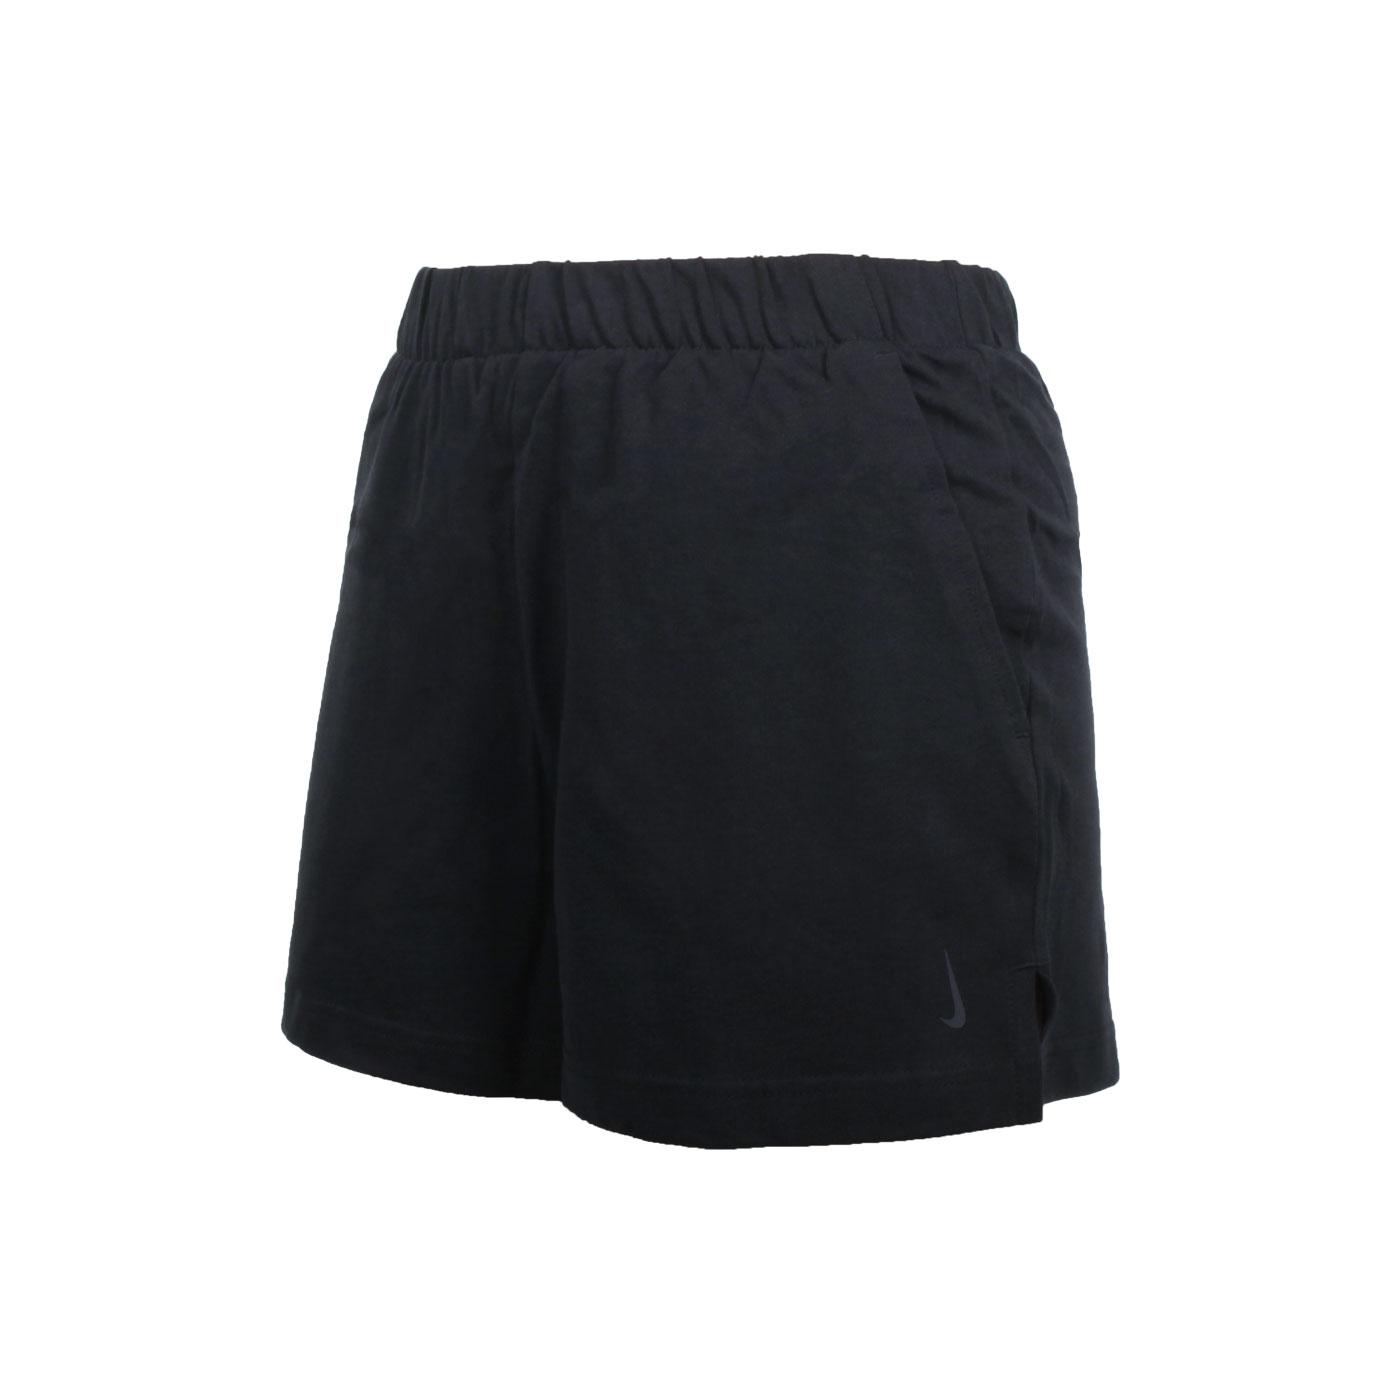 NIKE 女款短褲 DA1032-010 - 黑